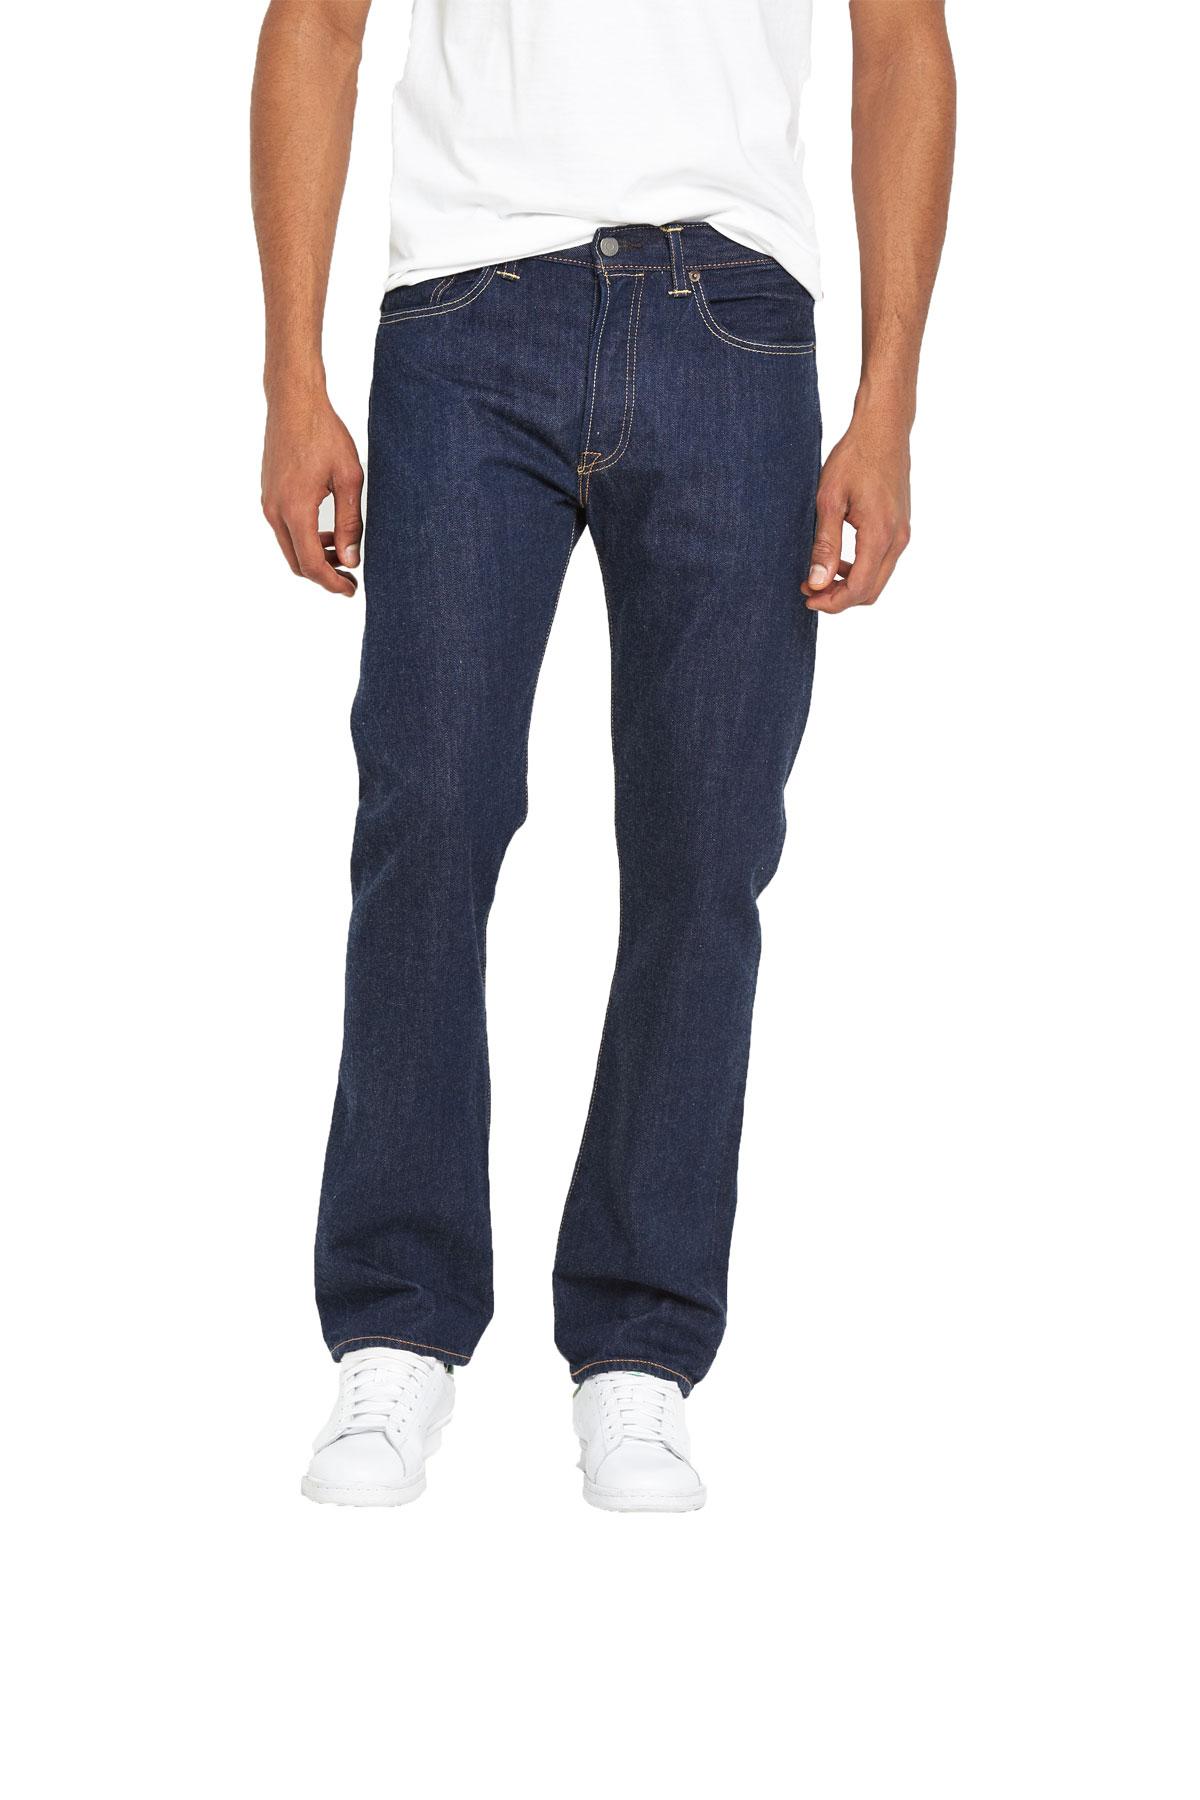 Levis 501 Original Fit Jeans.